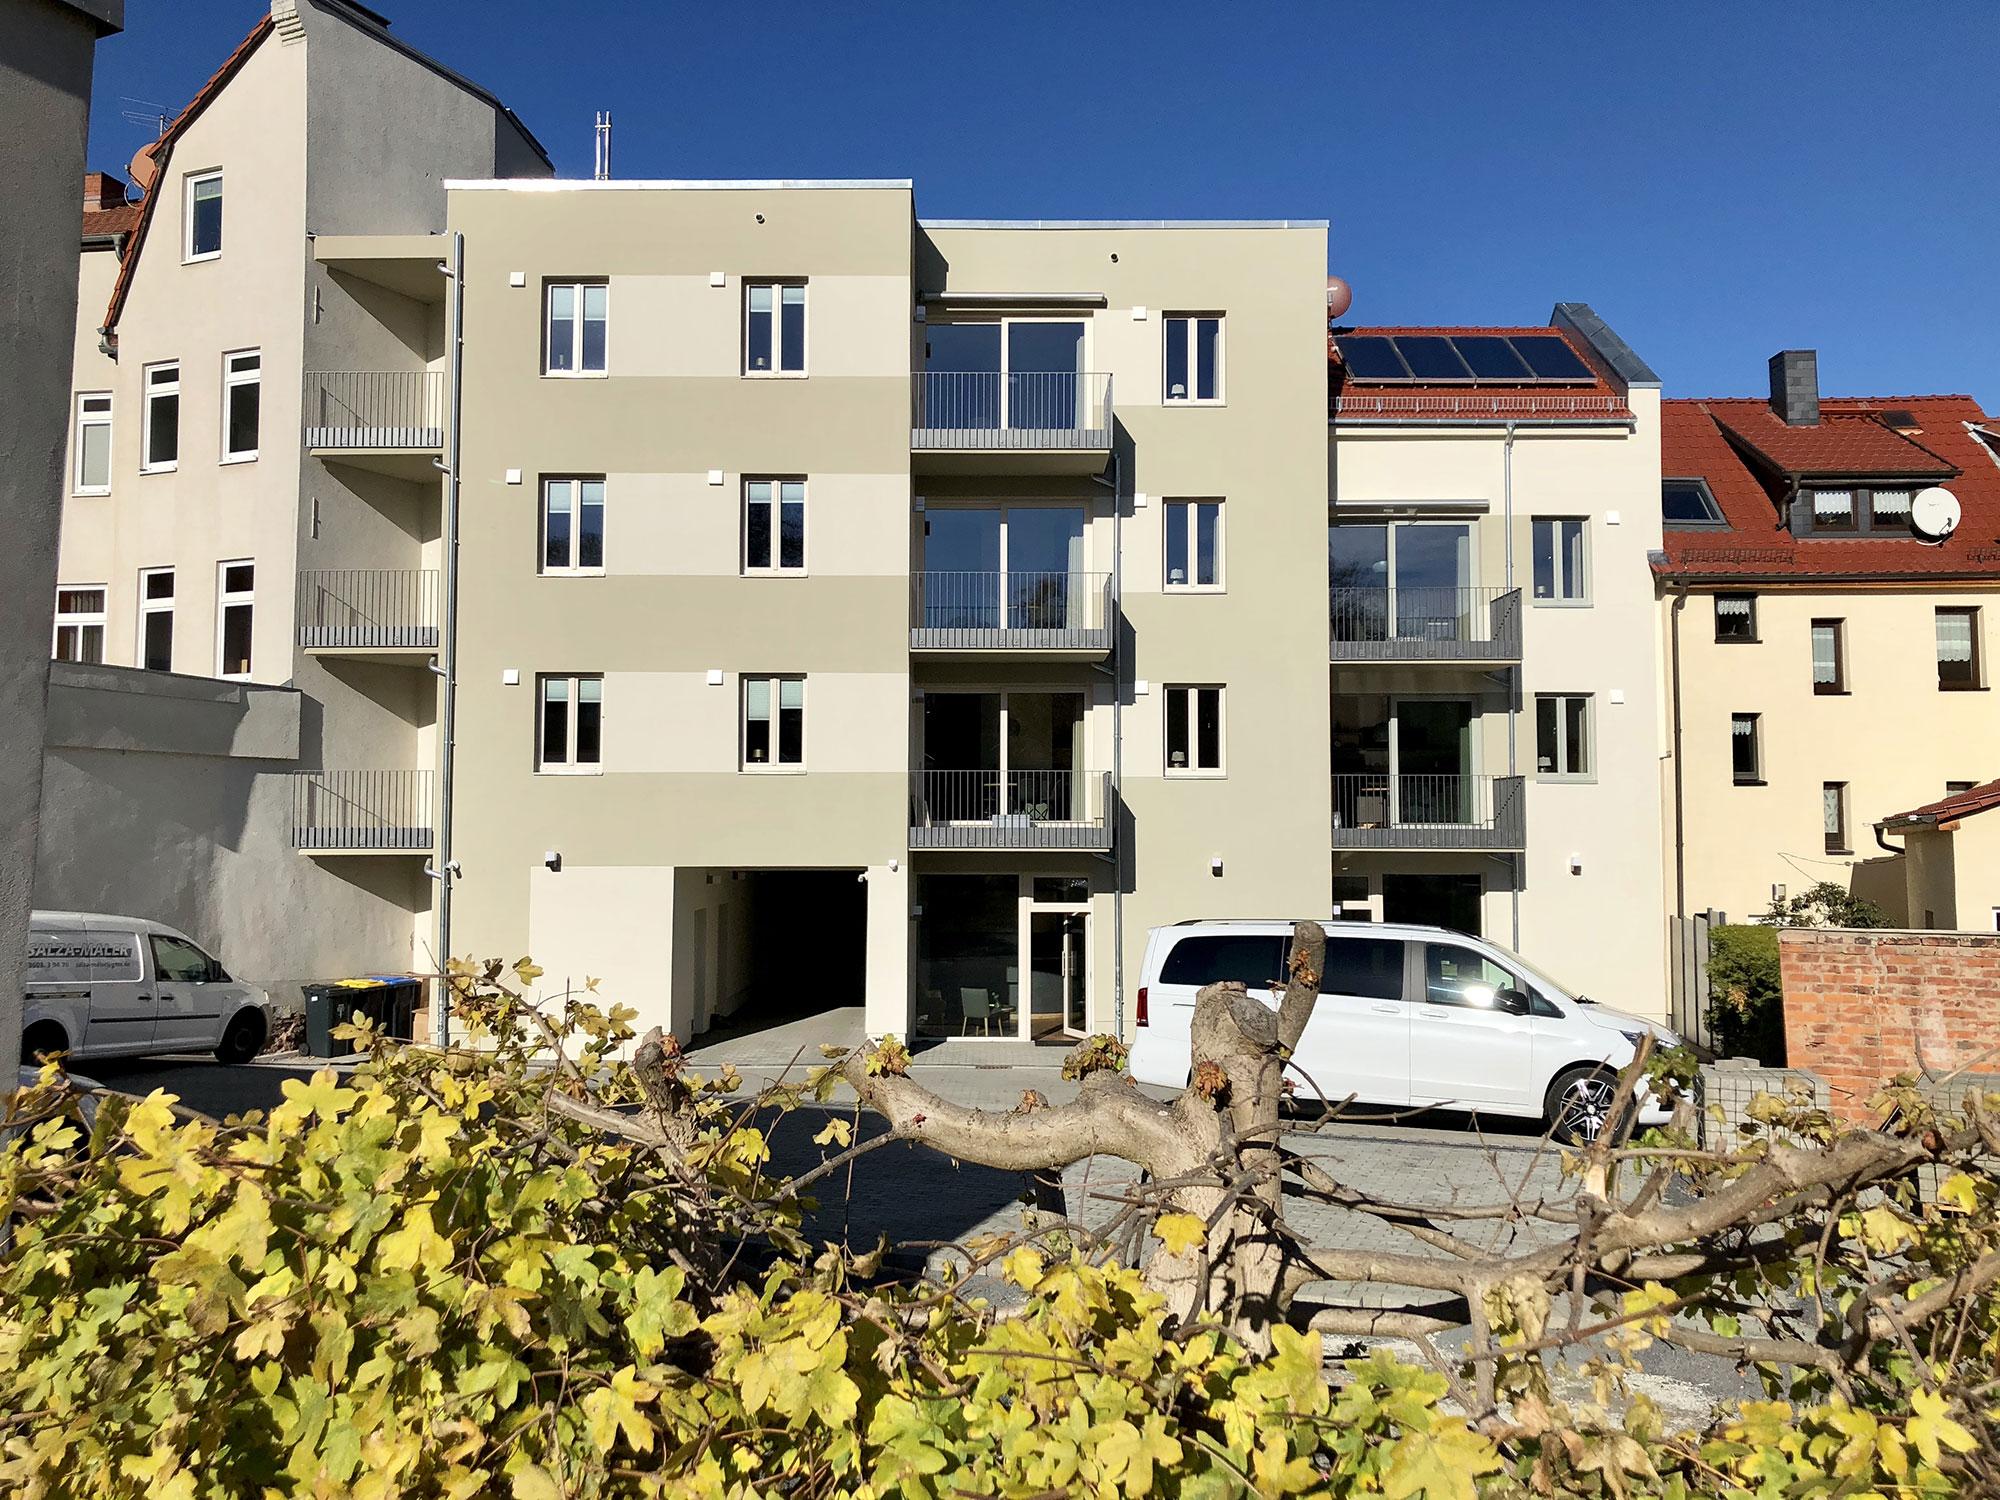 Ferienwohnung Eisenach - Suites Mitte - Innenhof